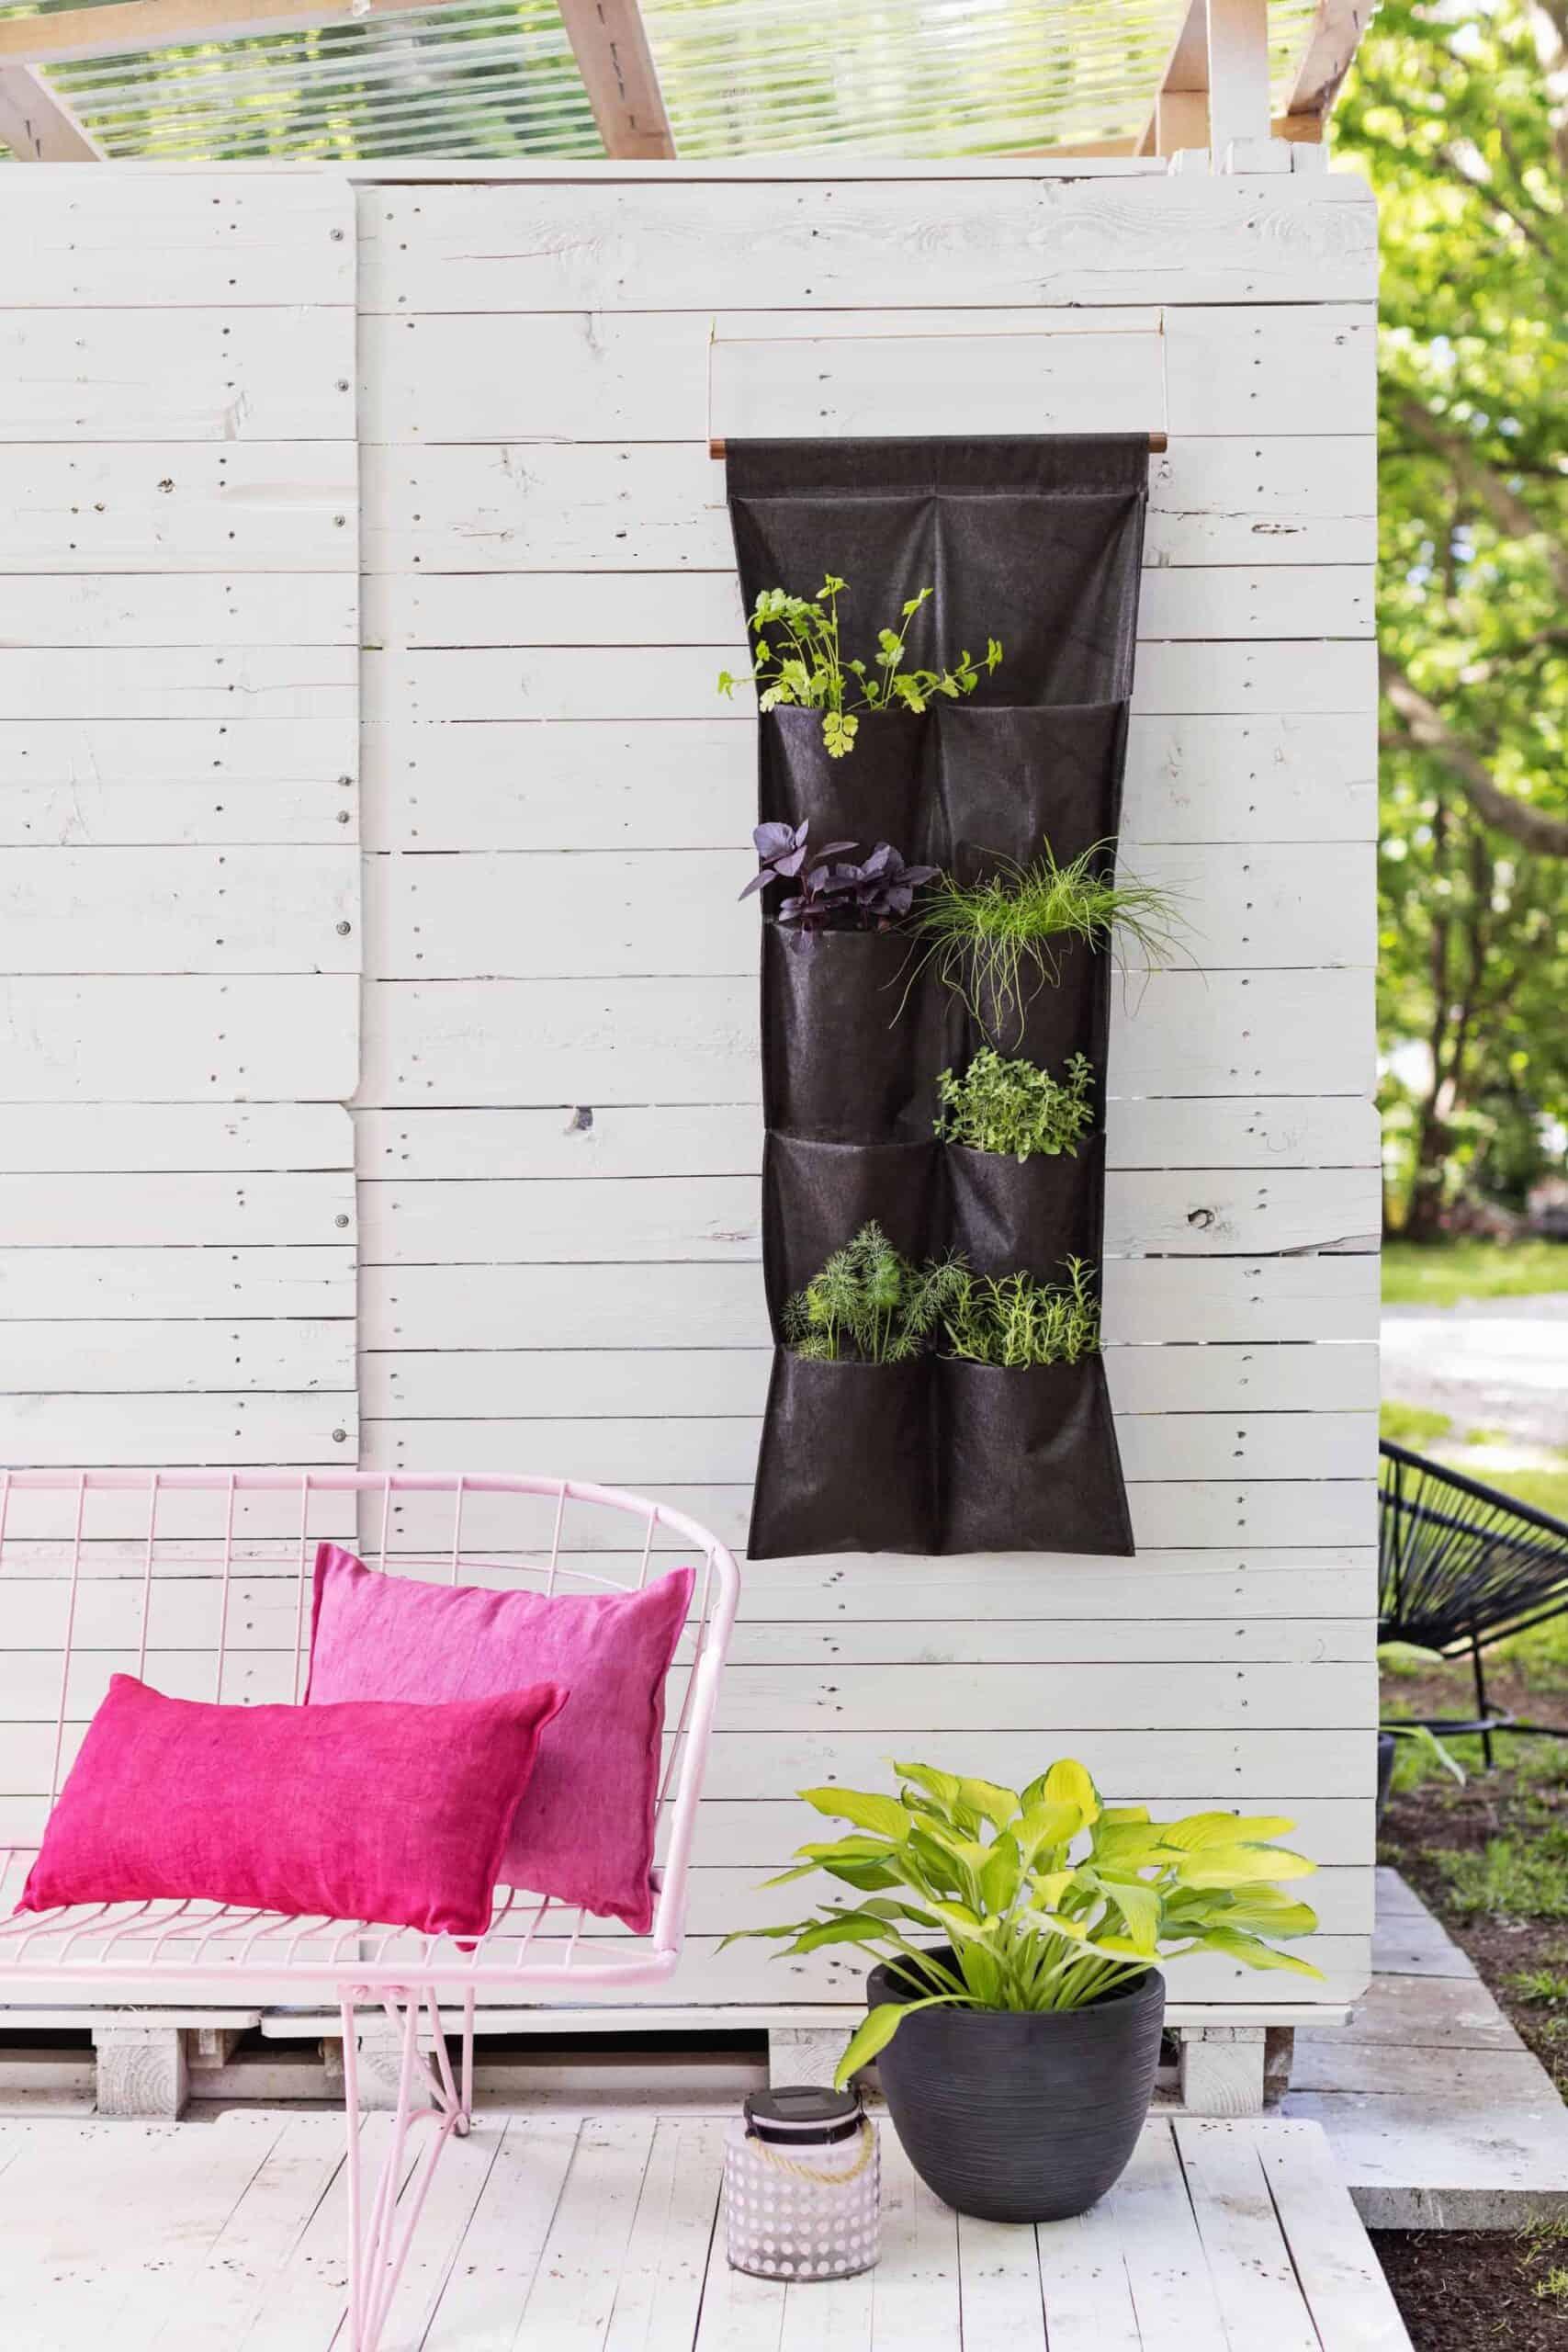 Vertical herb garden in pockets